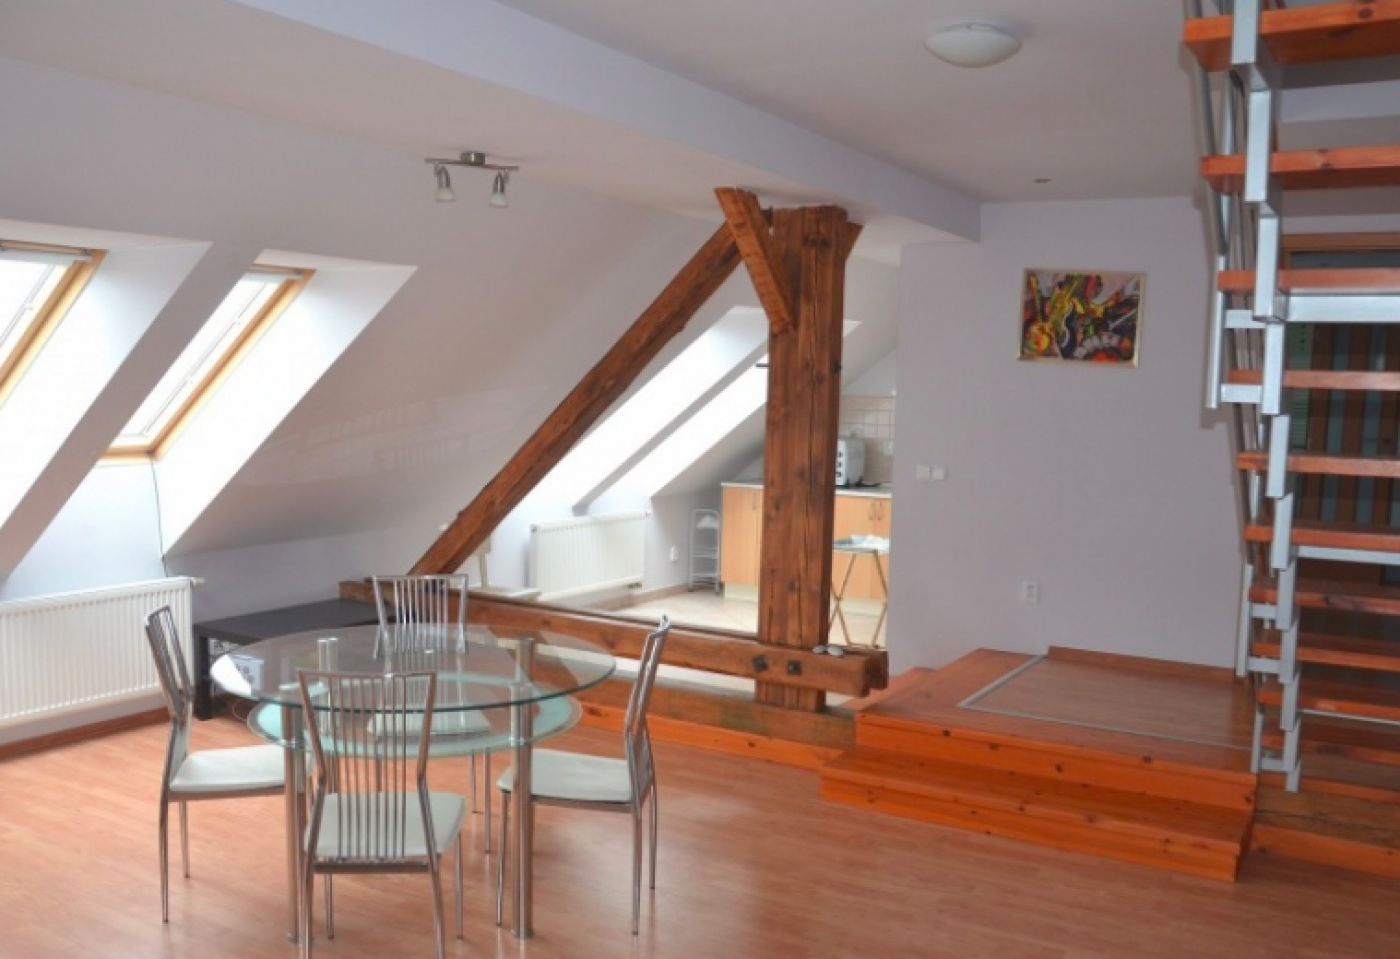 Půdní byt 3+kk, plocha 106 m², ulice Londýnská, Praha 2 - Vinohrady, cena 8 800 000 Kč   1